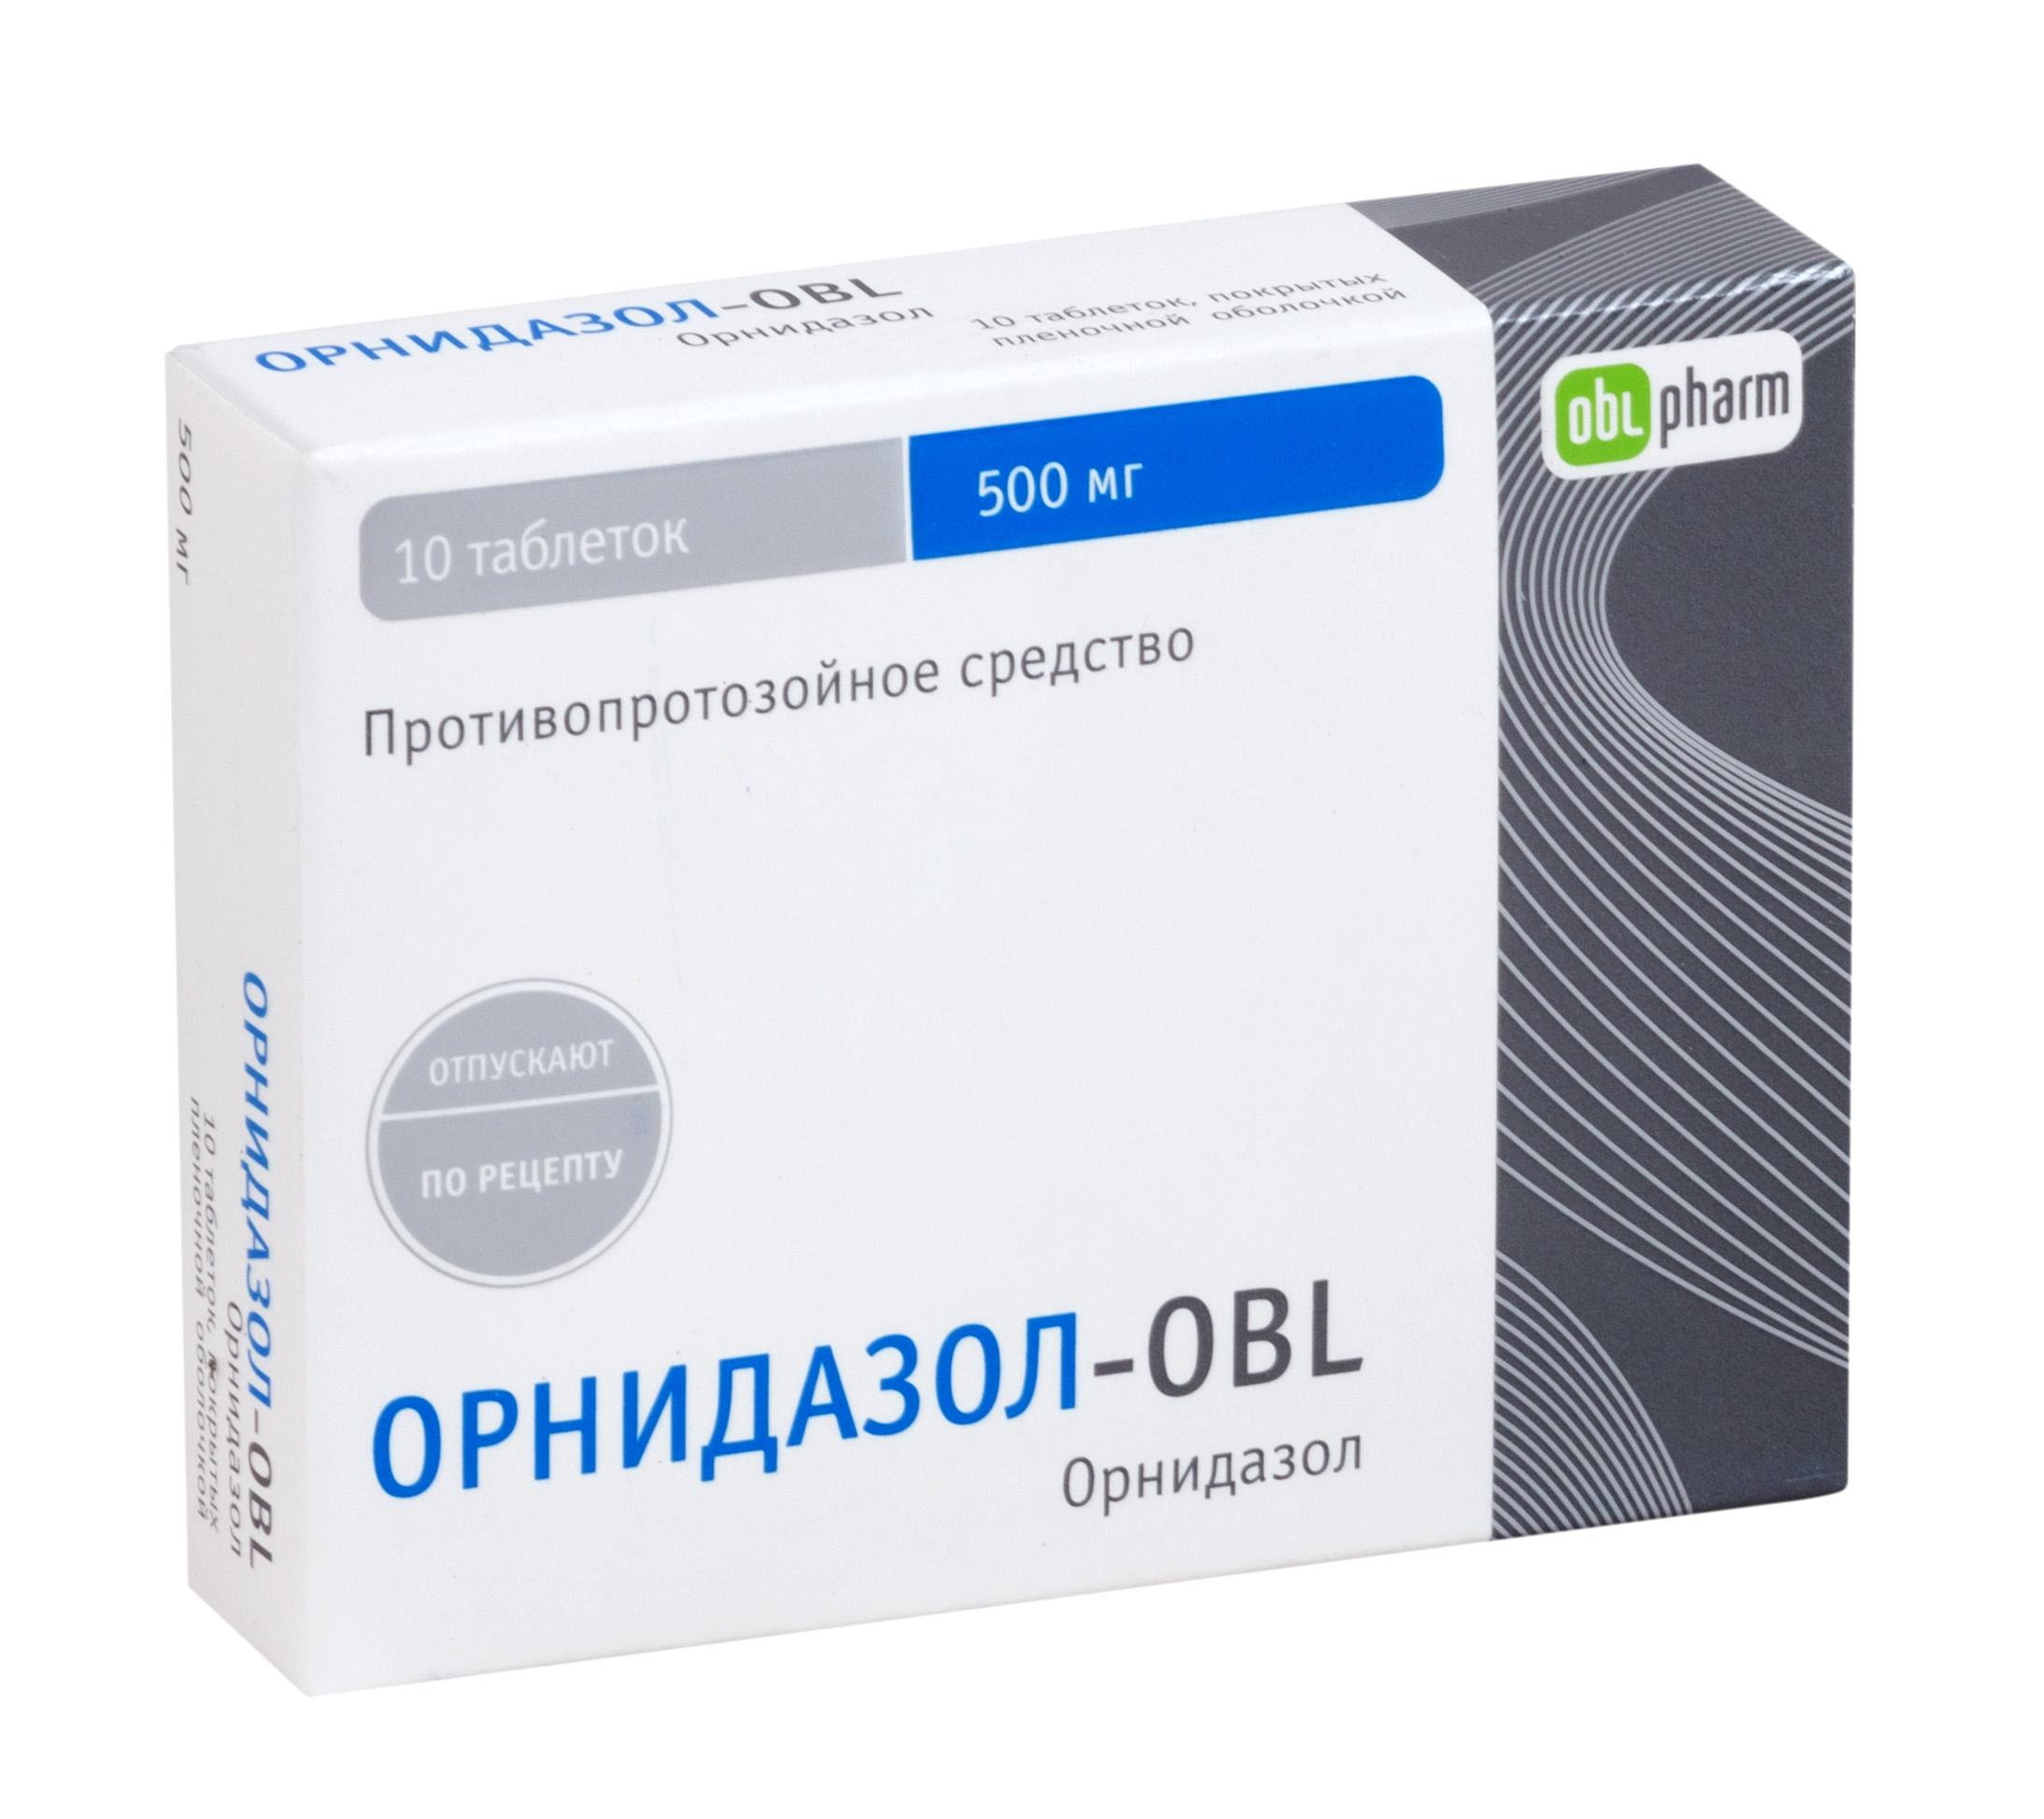 Орнидазол-obl таб. п.п.о. 500мг n10